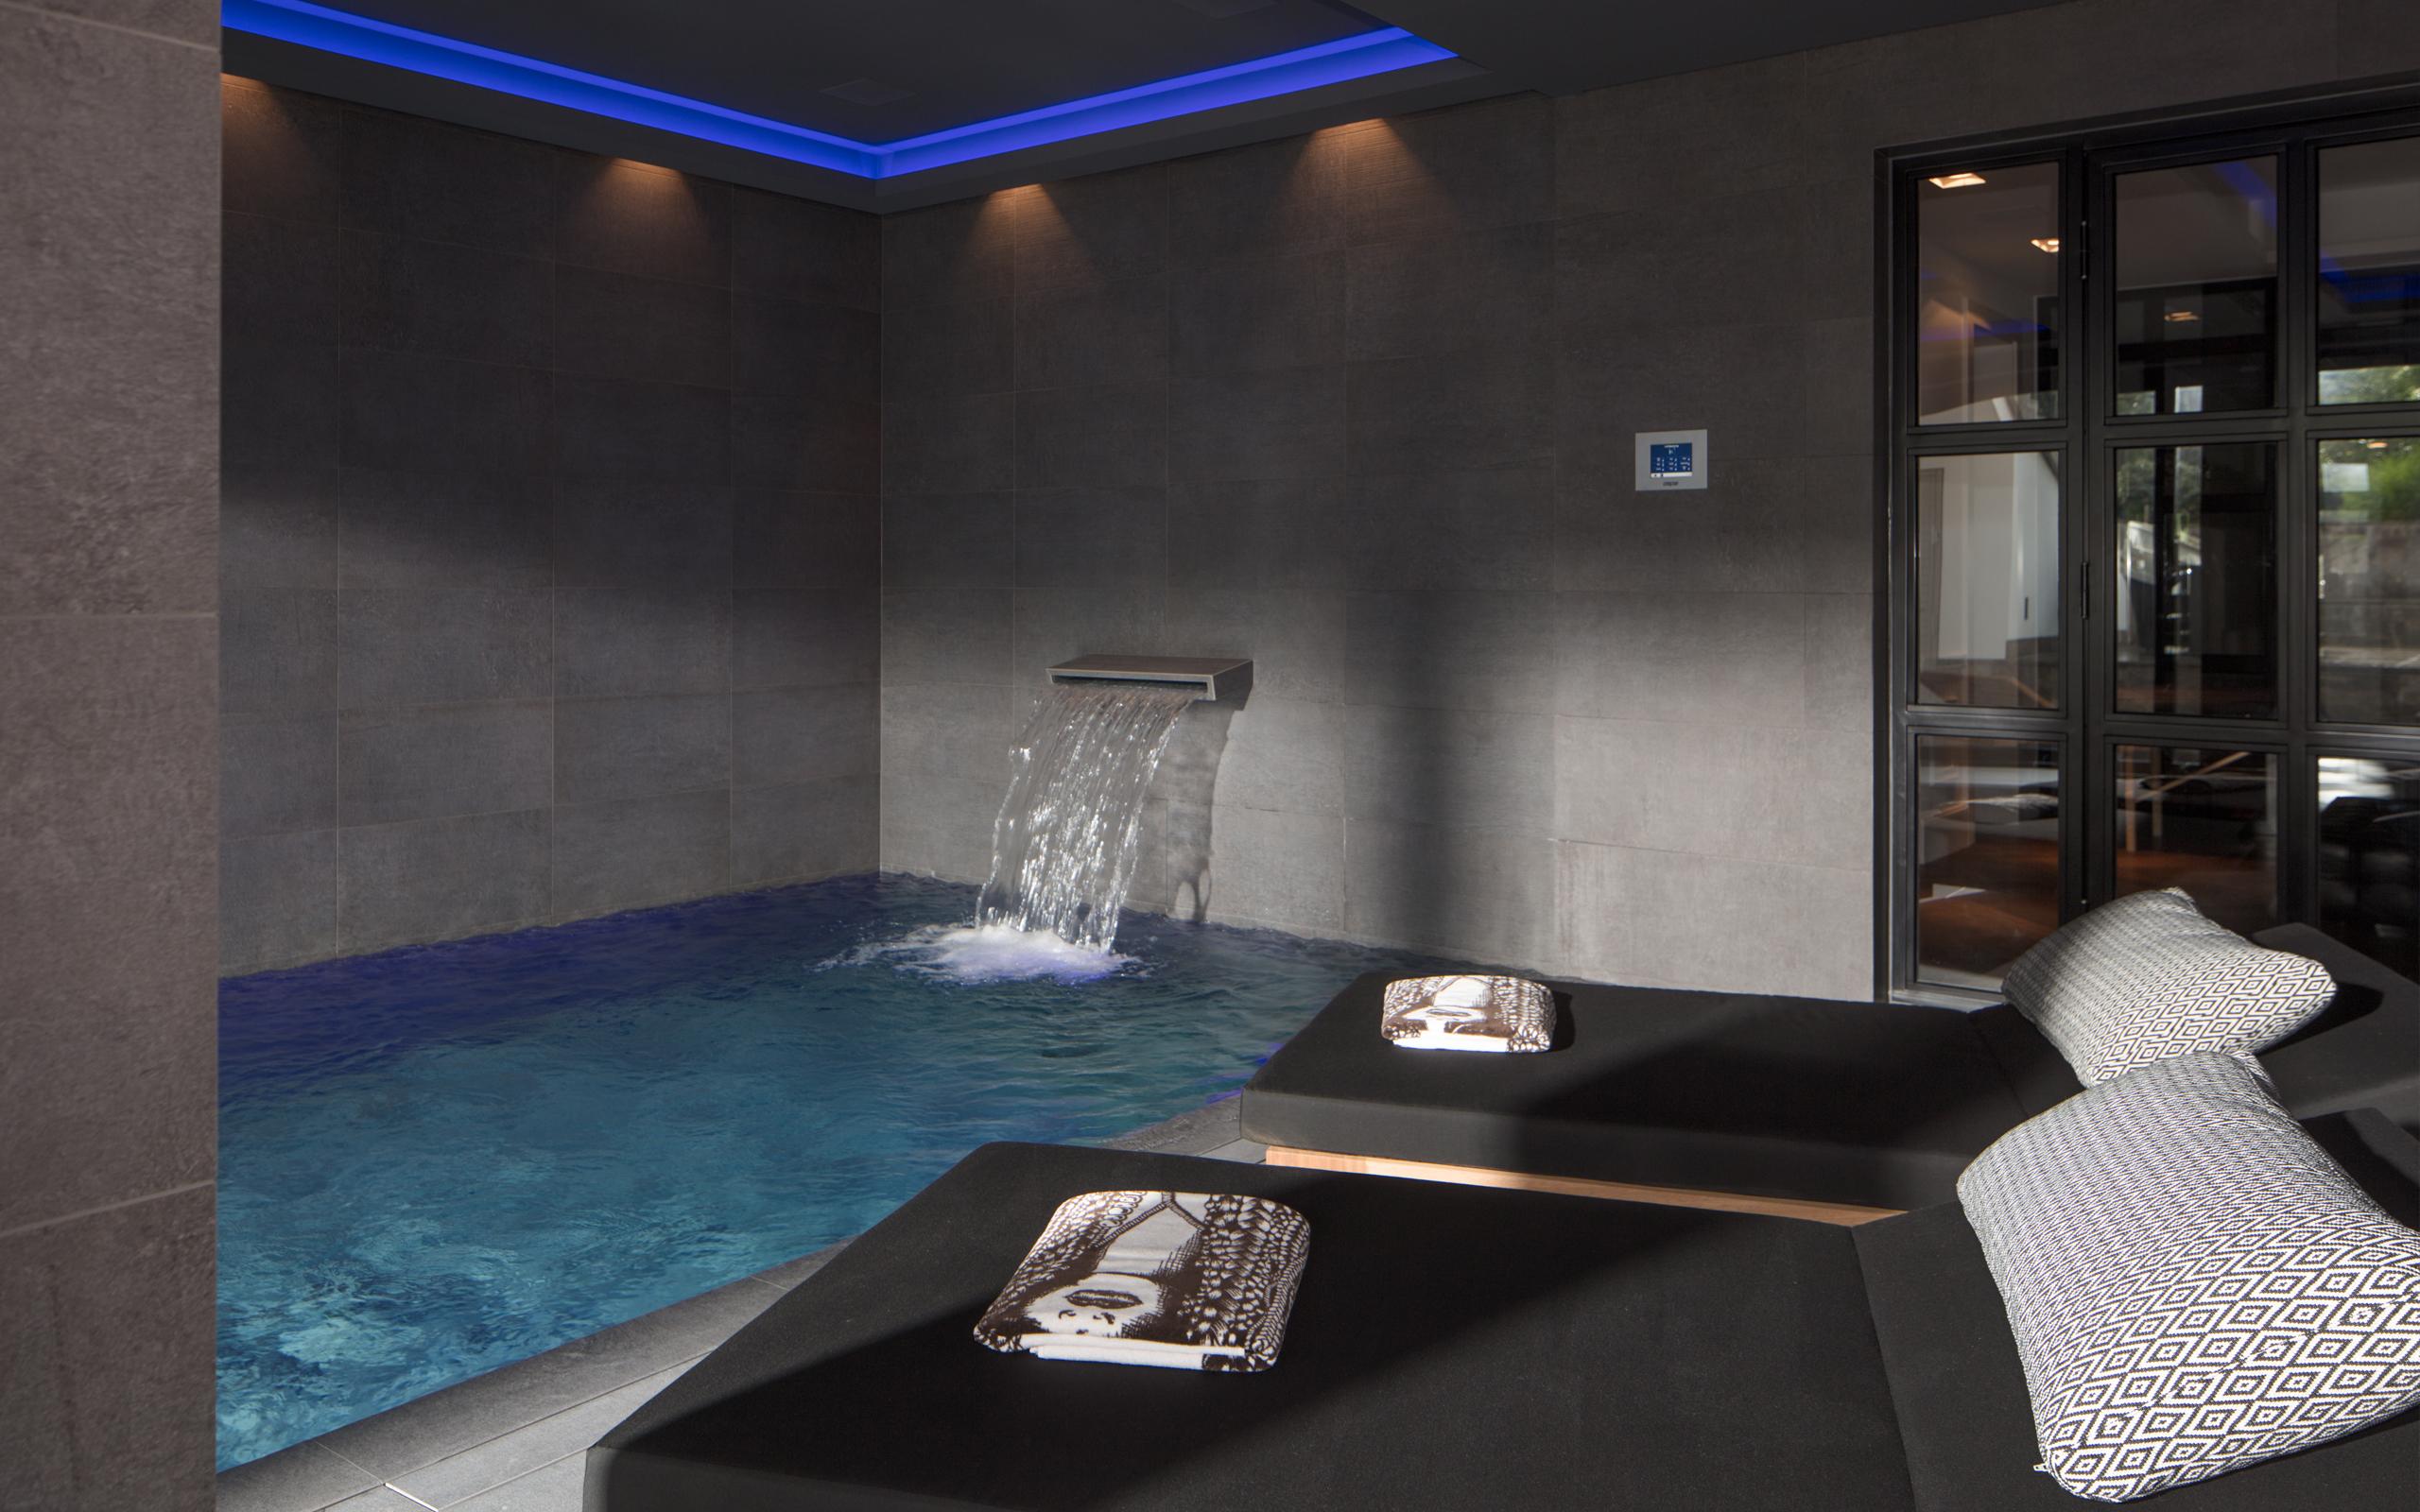 mystische atmosph re dunkle farben verleihen dieser schwimmhalle ihren ganz besonderen reiz. Black Bedroom Furniture Sets. Home Design Ideas